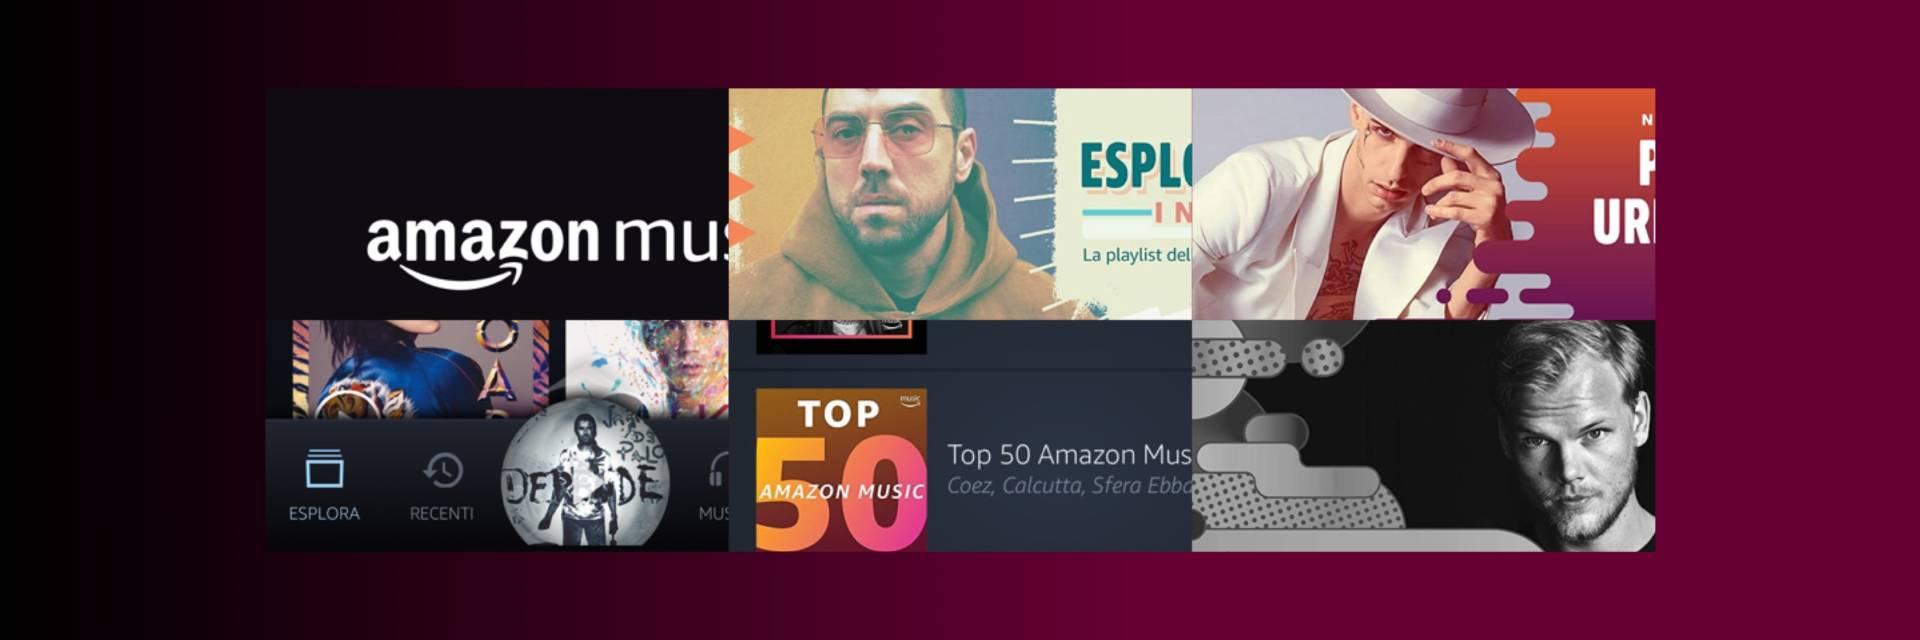 Amazon come Spotify: musica gratis per tutti